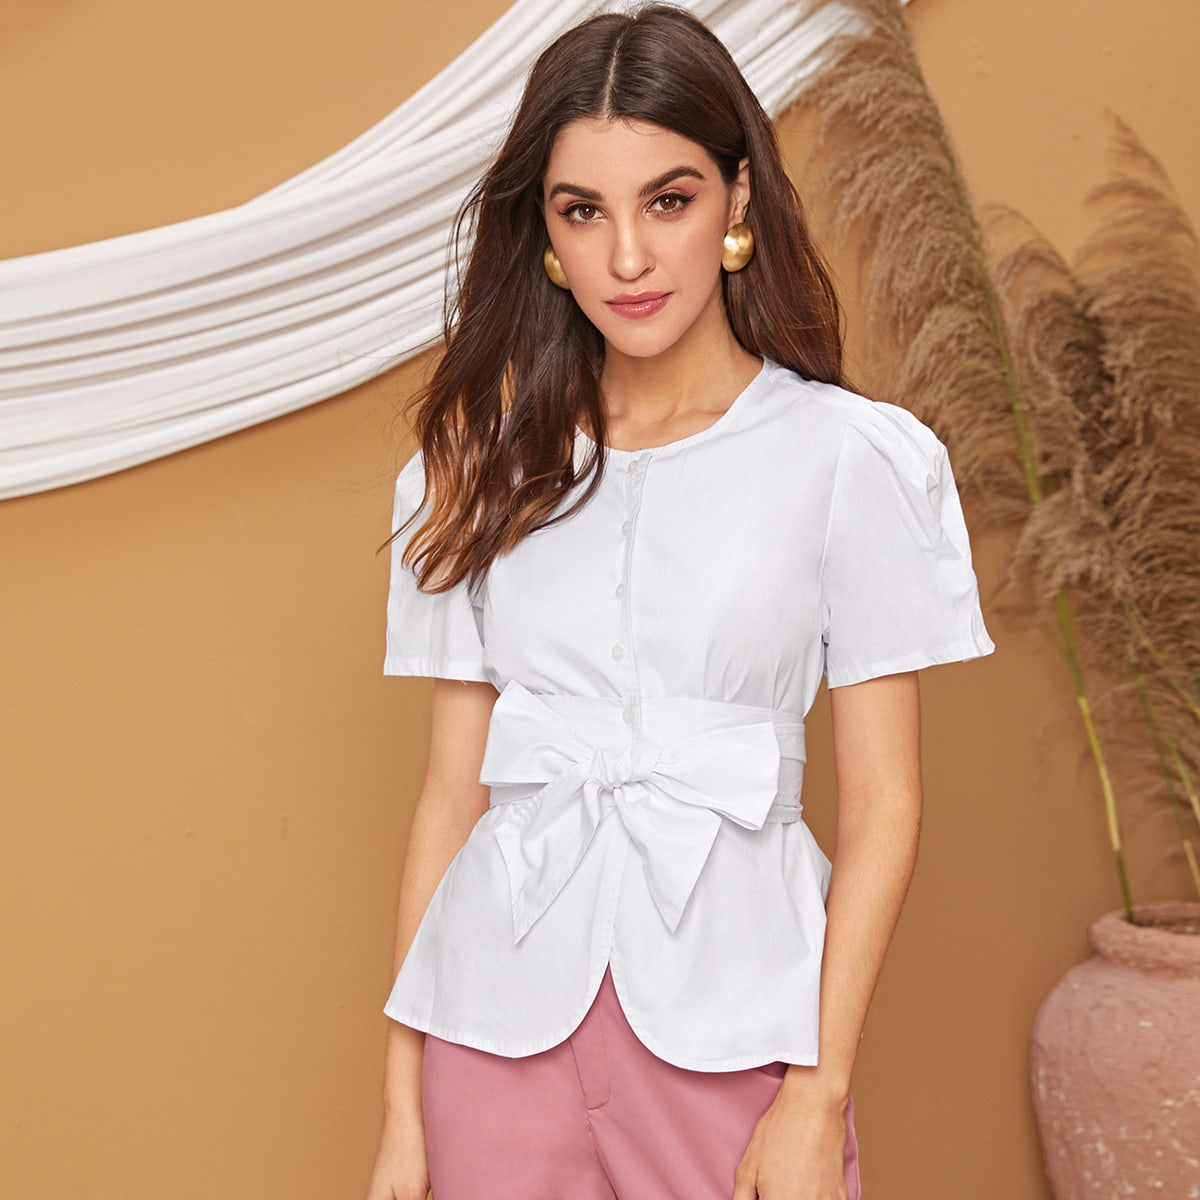 SHEIN / Bluse mit Band vorn, Knöpfen und Schößchen